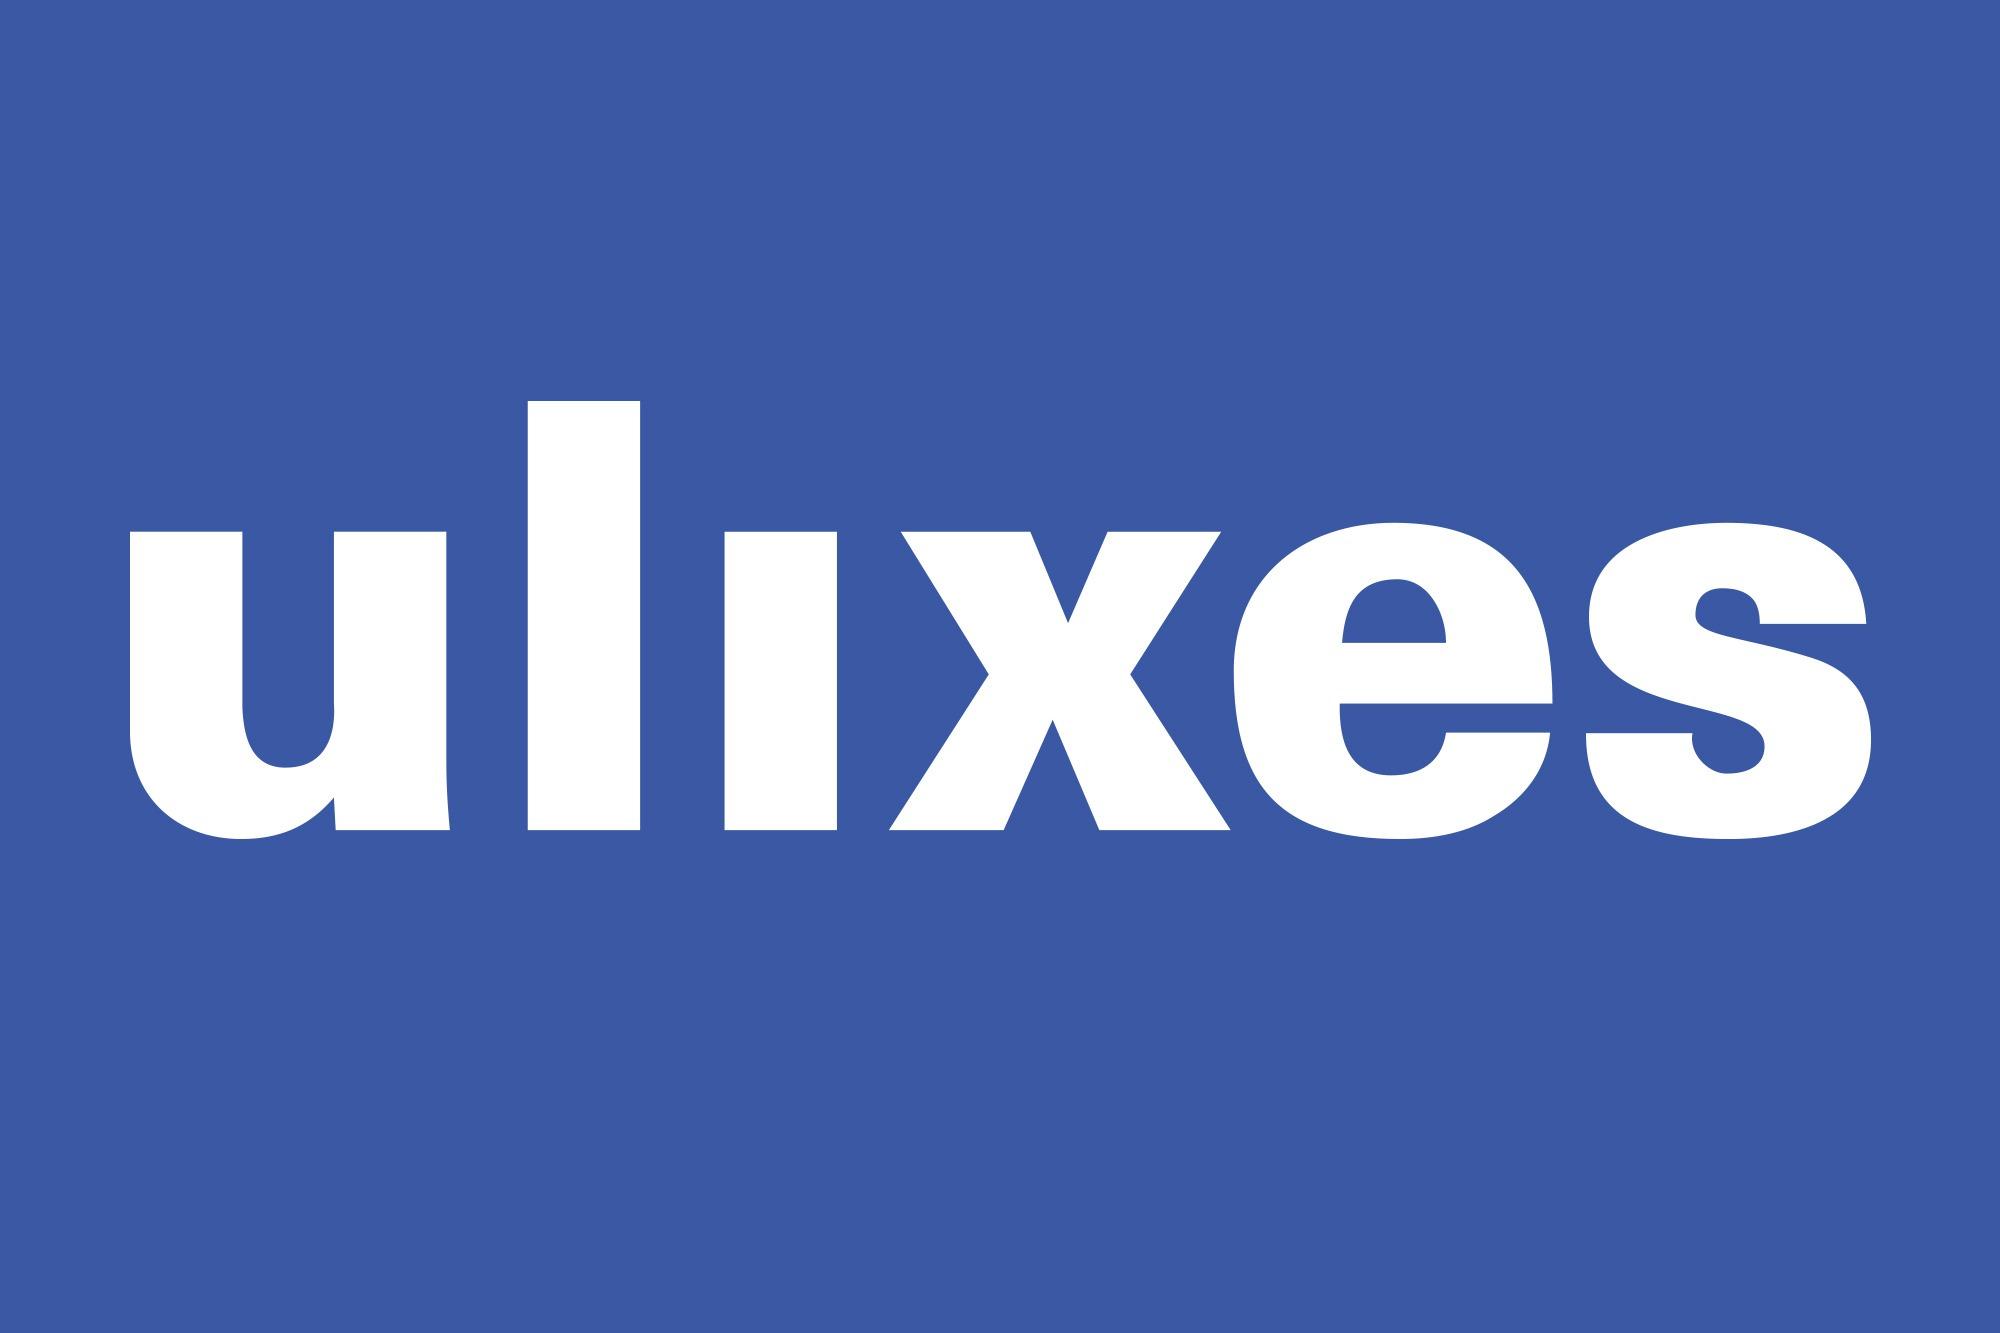 Studio dos, Grafikdesign Osnabrück, ulixes Robotersysteme Logo auf blauem Hintergrund